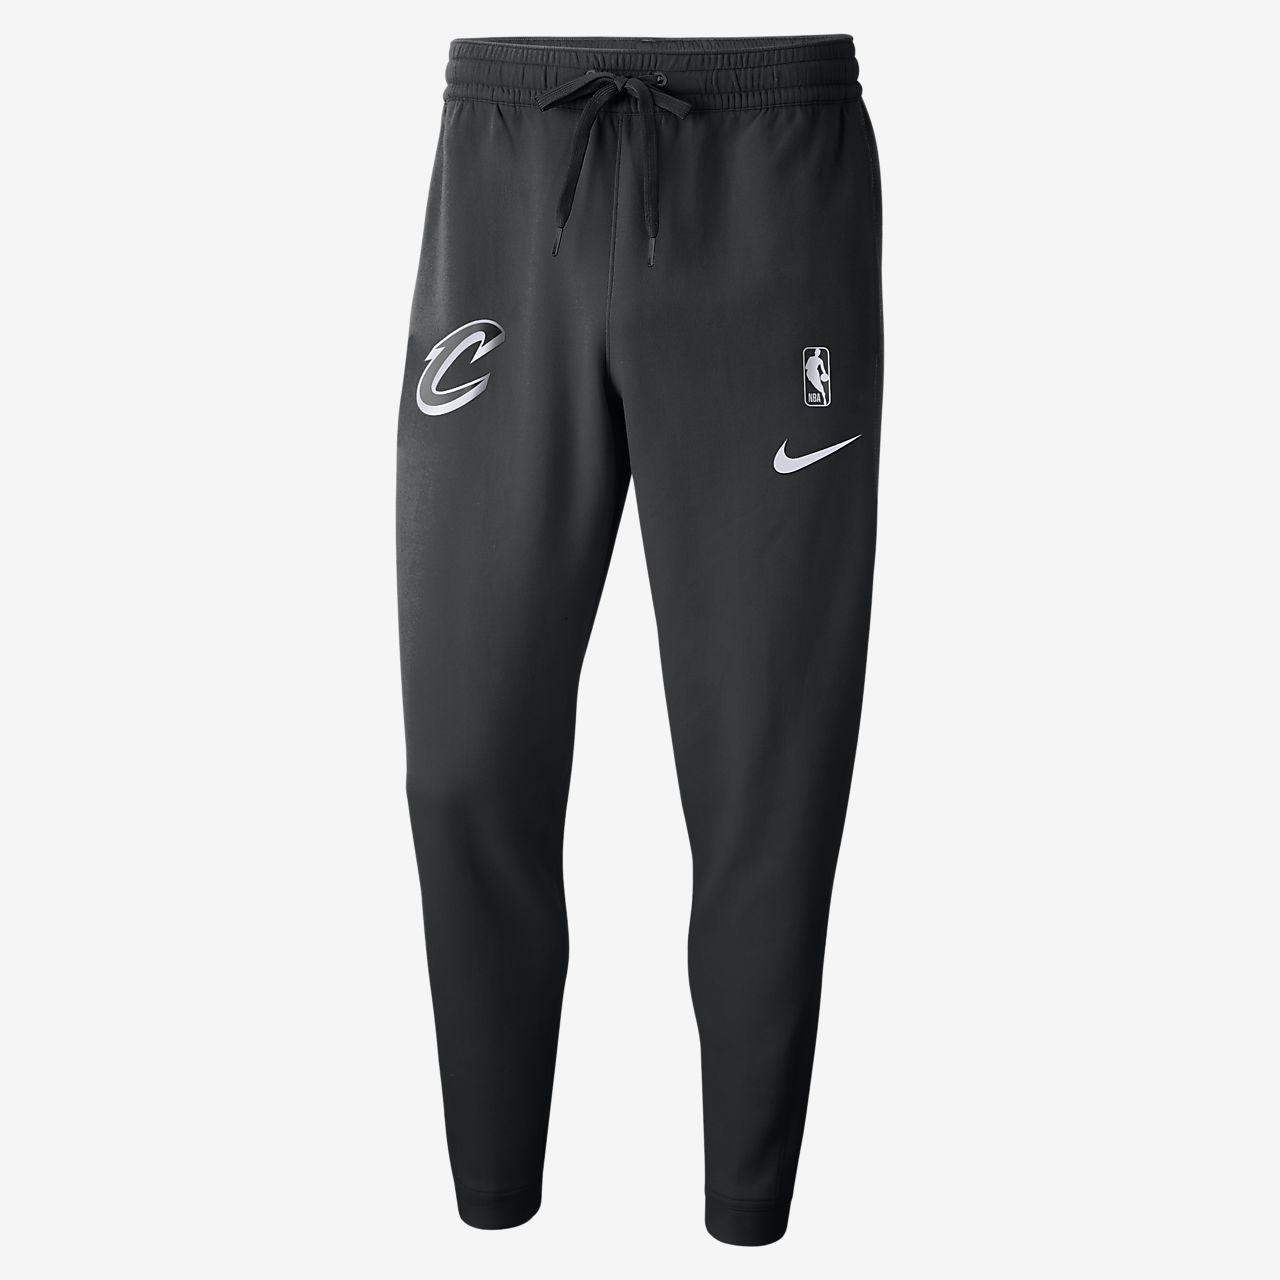 Pantalon NBA Cleveland Cavaliers Nike Dri-FIT Showtime pour Homme